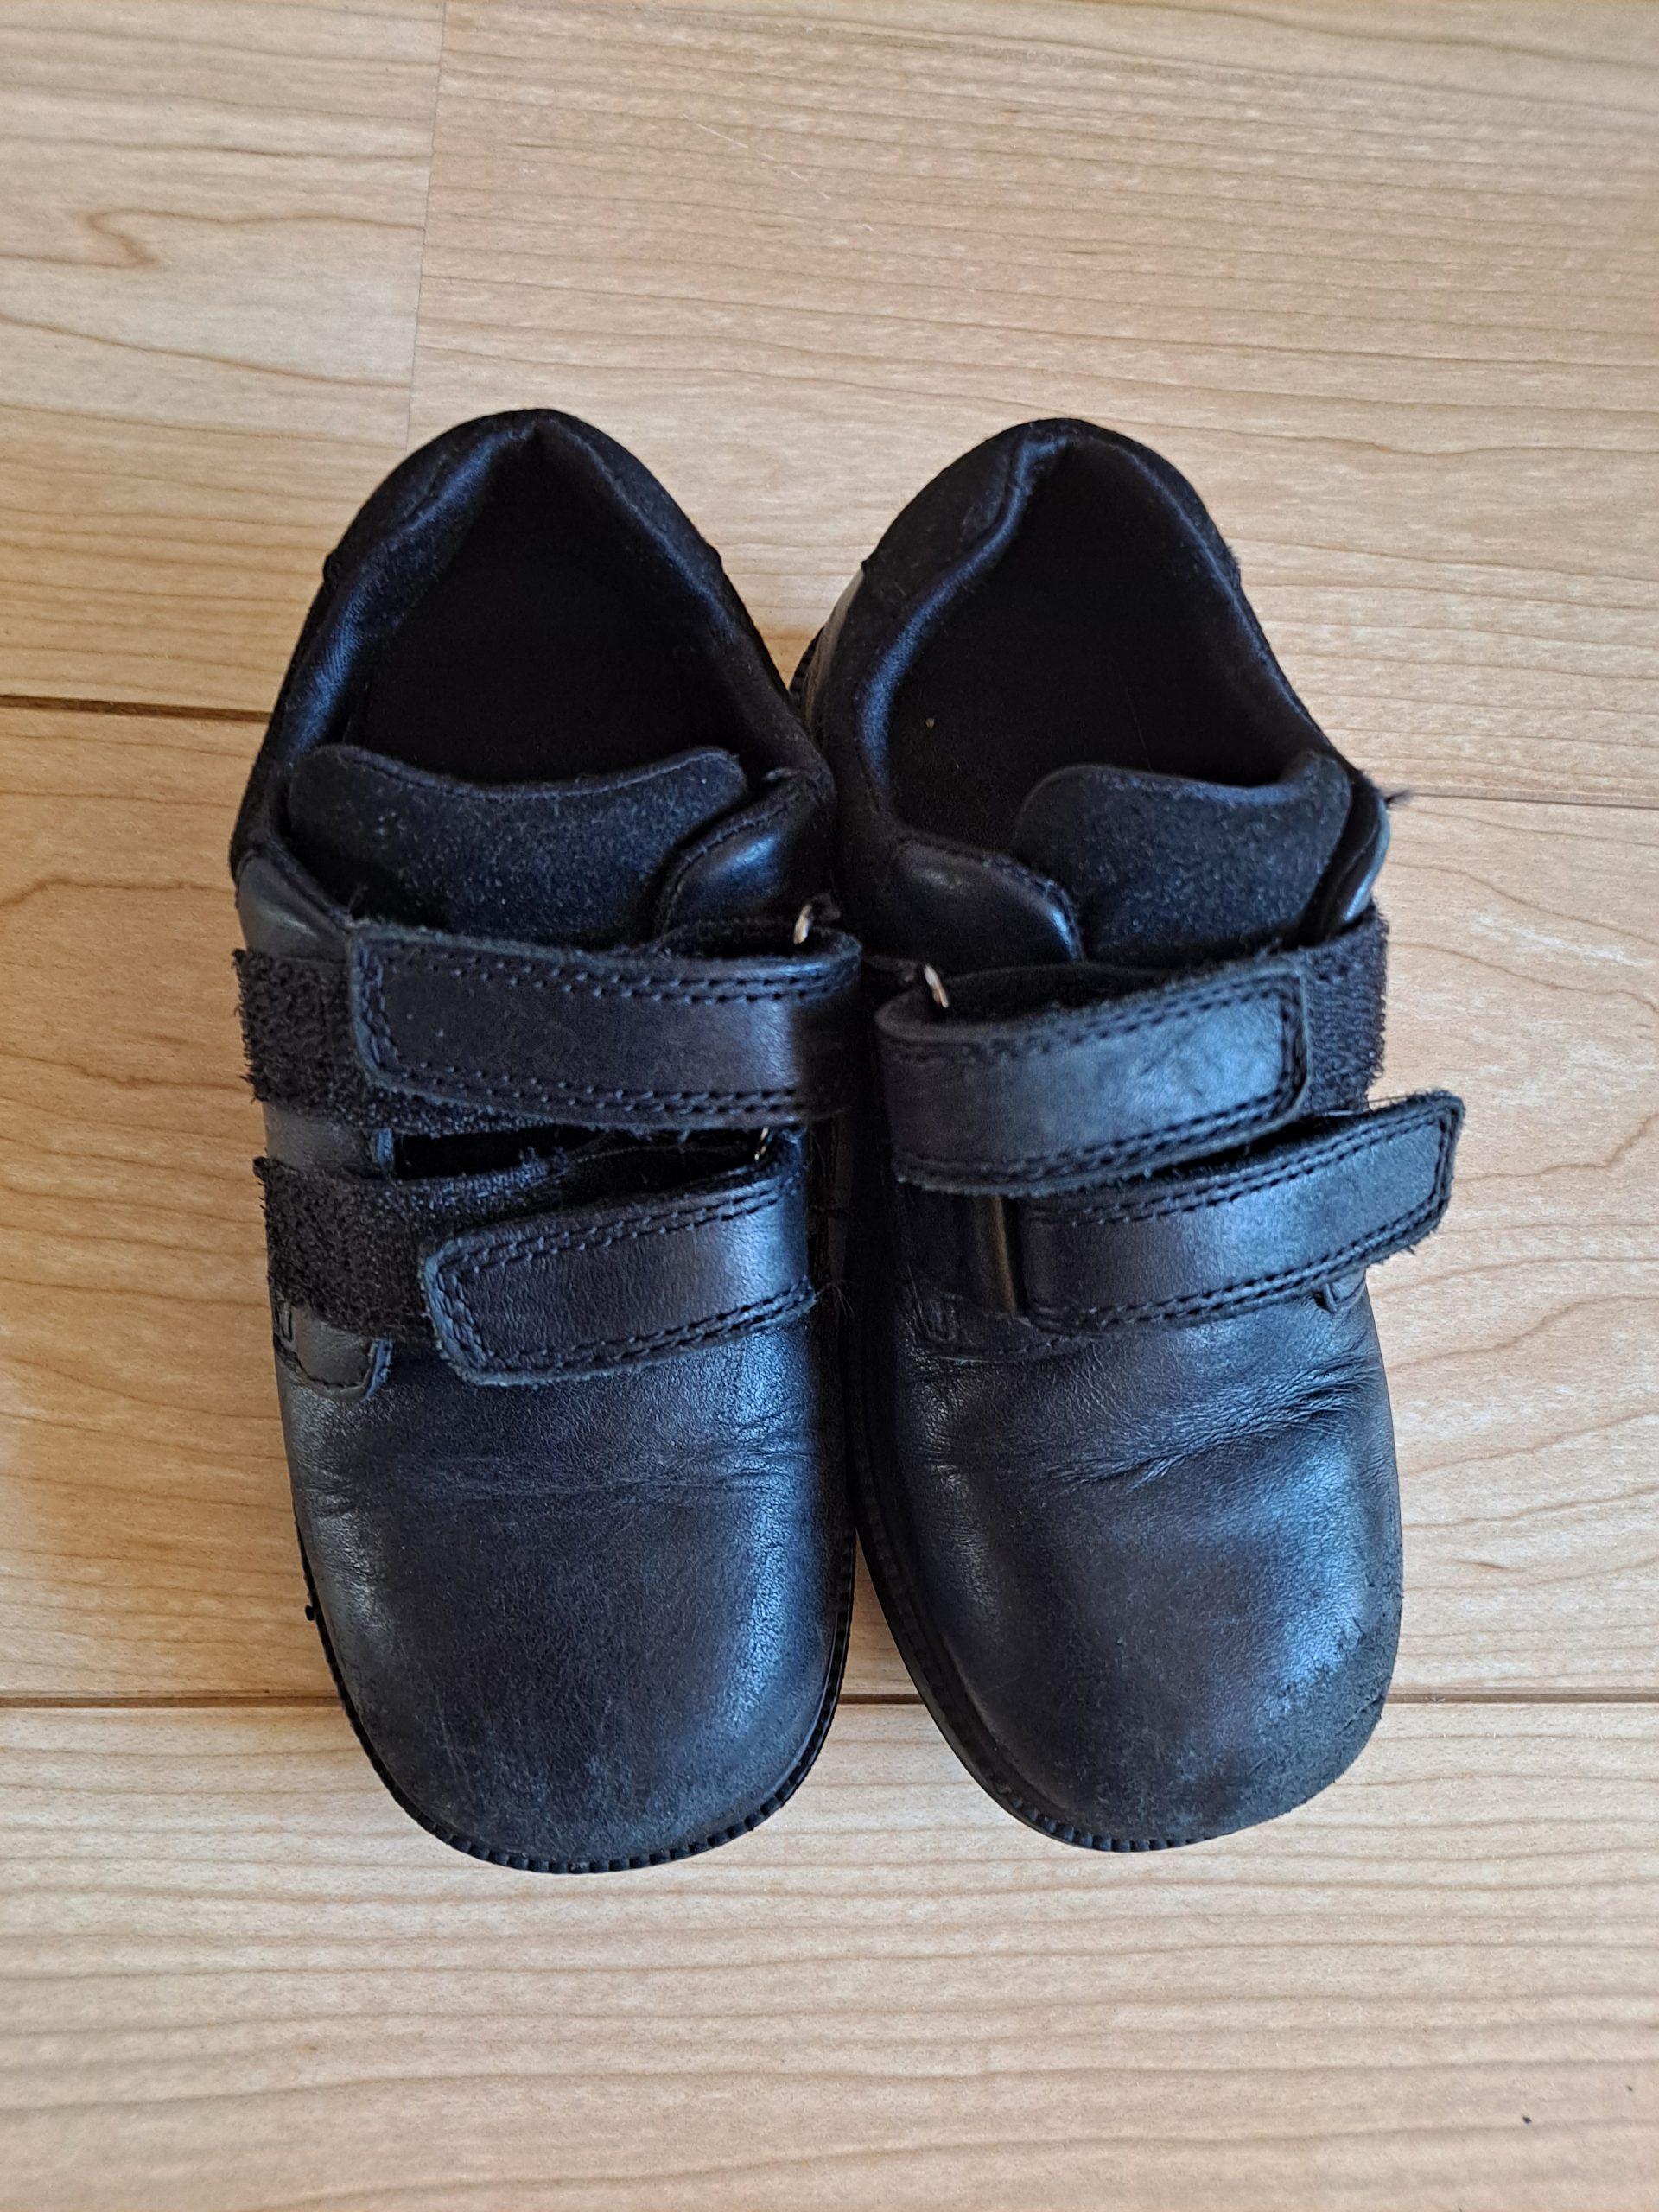 black shoes 10